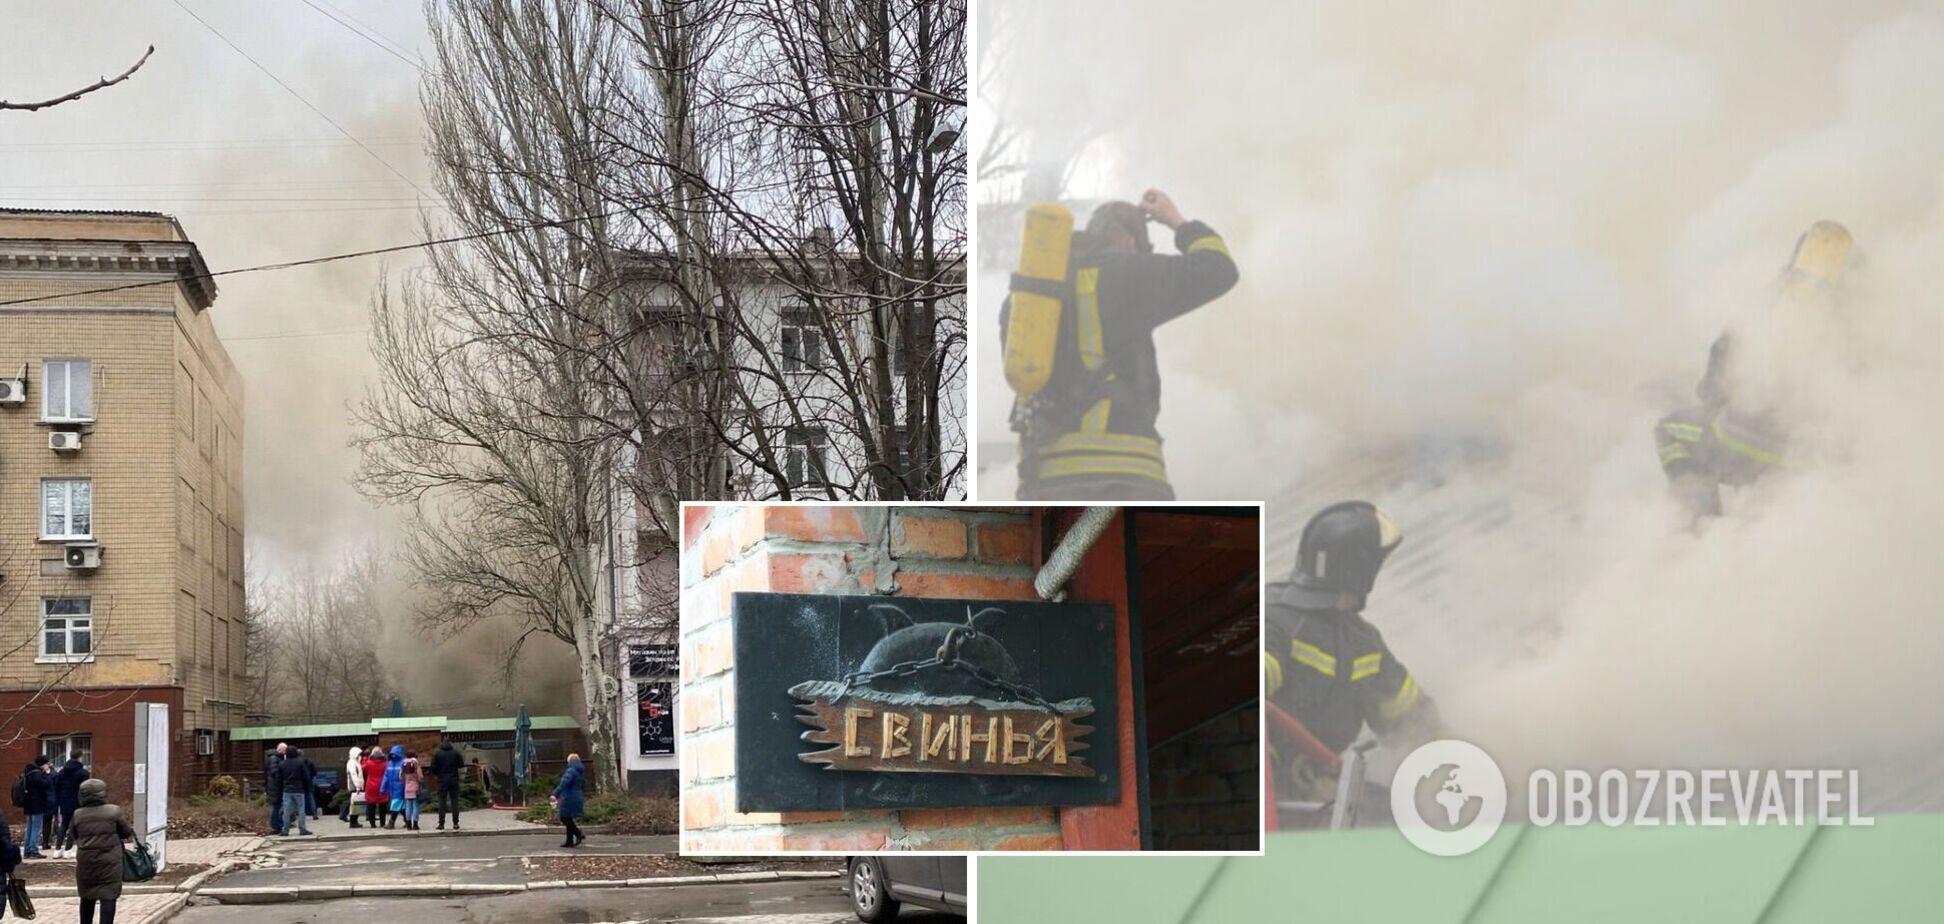 Взрыв и пожар в пабе 'Свинья'